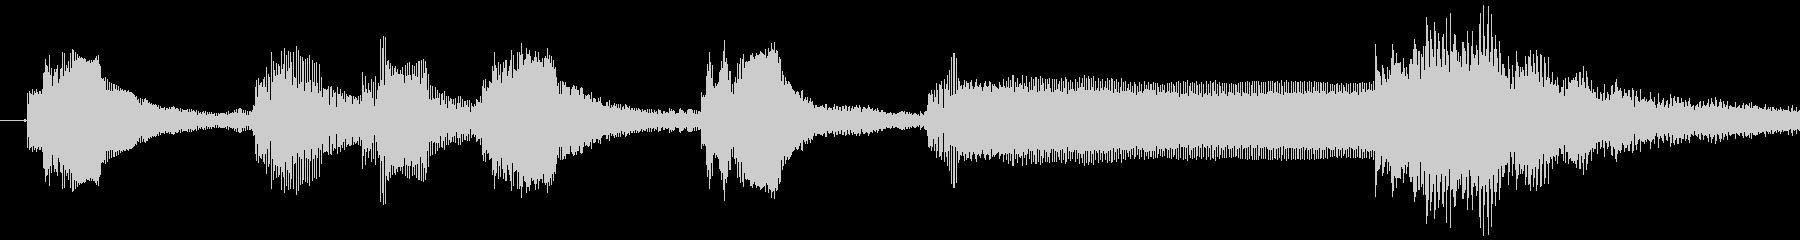 1,明るめのサウンドロゴ (3秒ロゴ)の未再生の波形